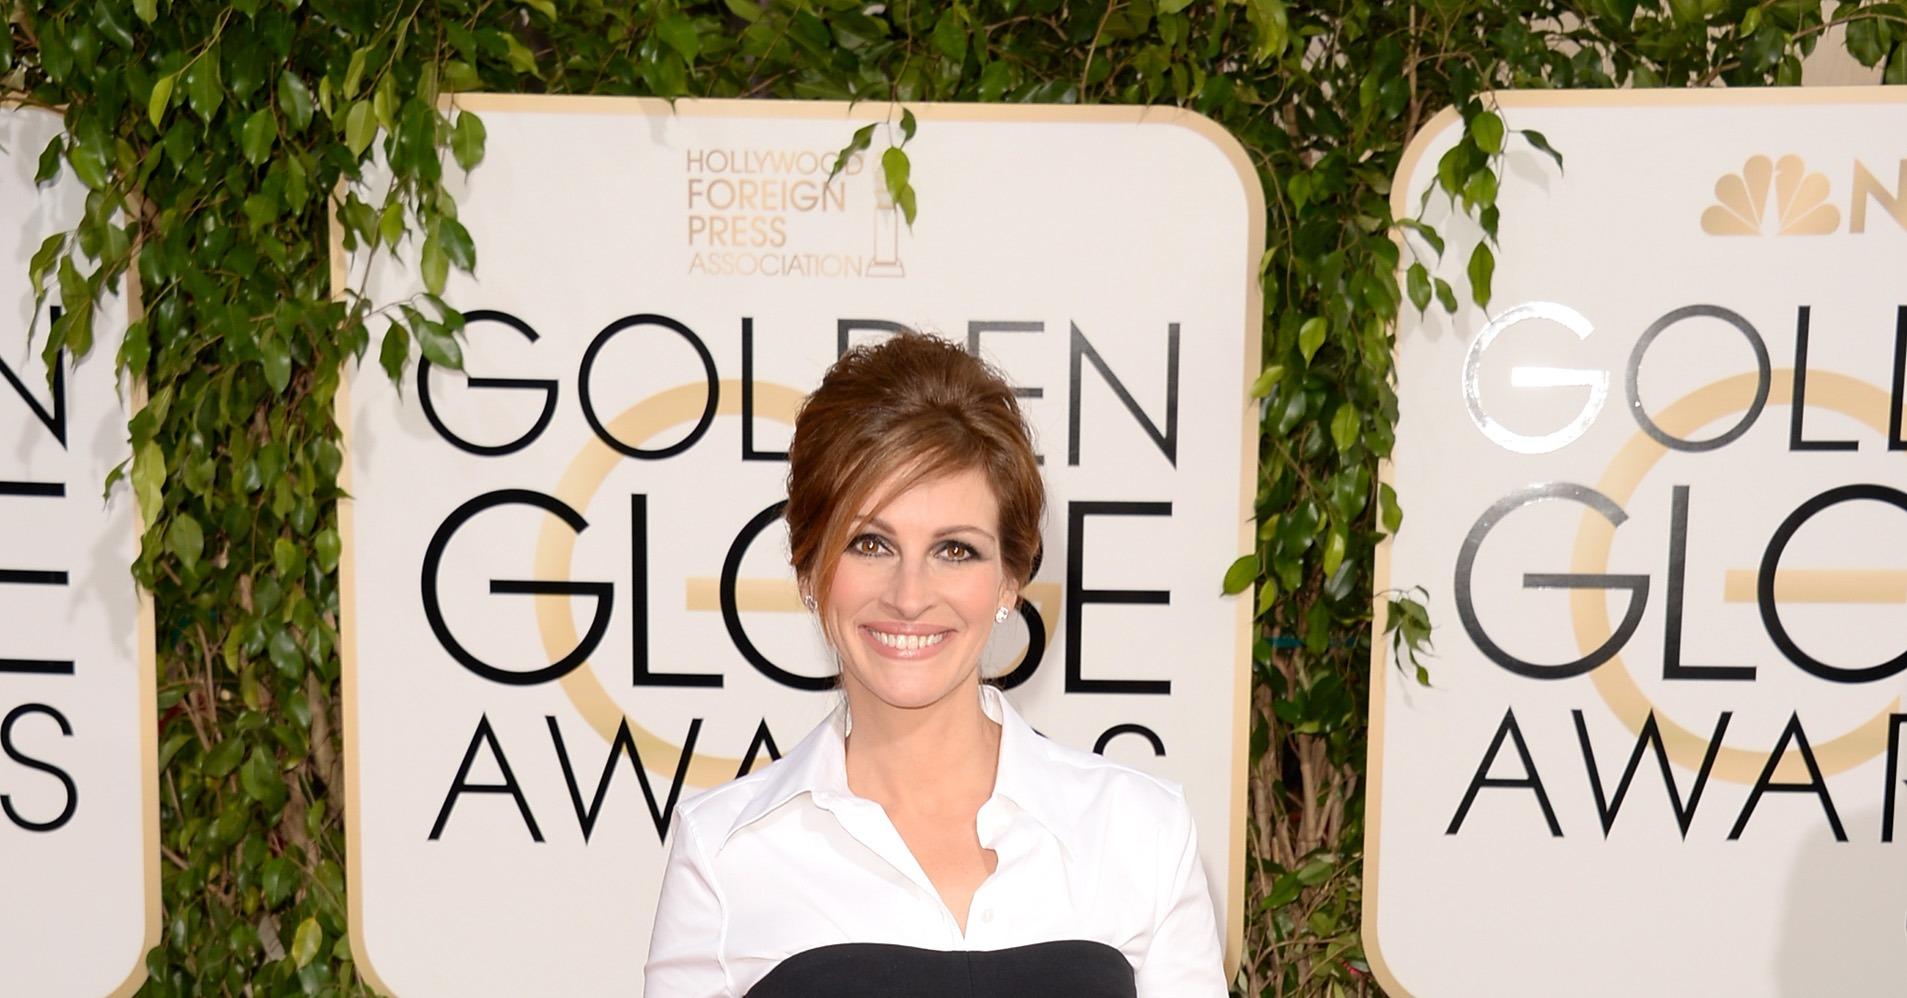 Julia-Roberts-Golden-Globes-2014.jpg